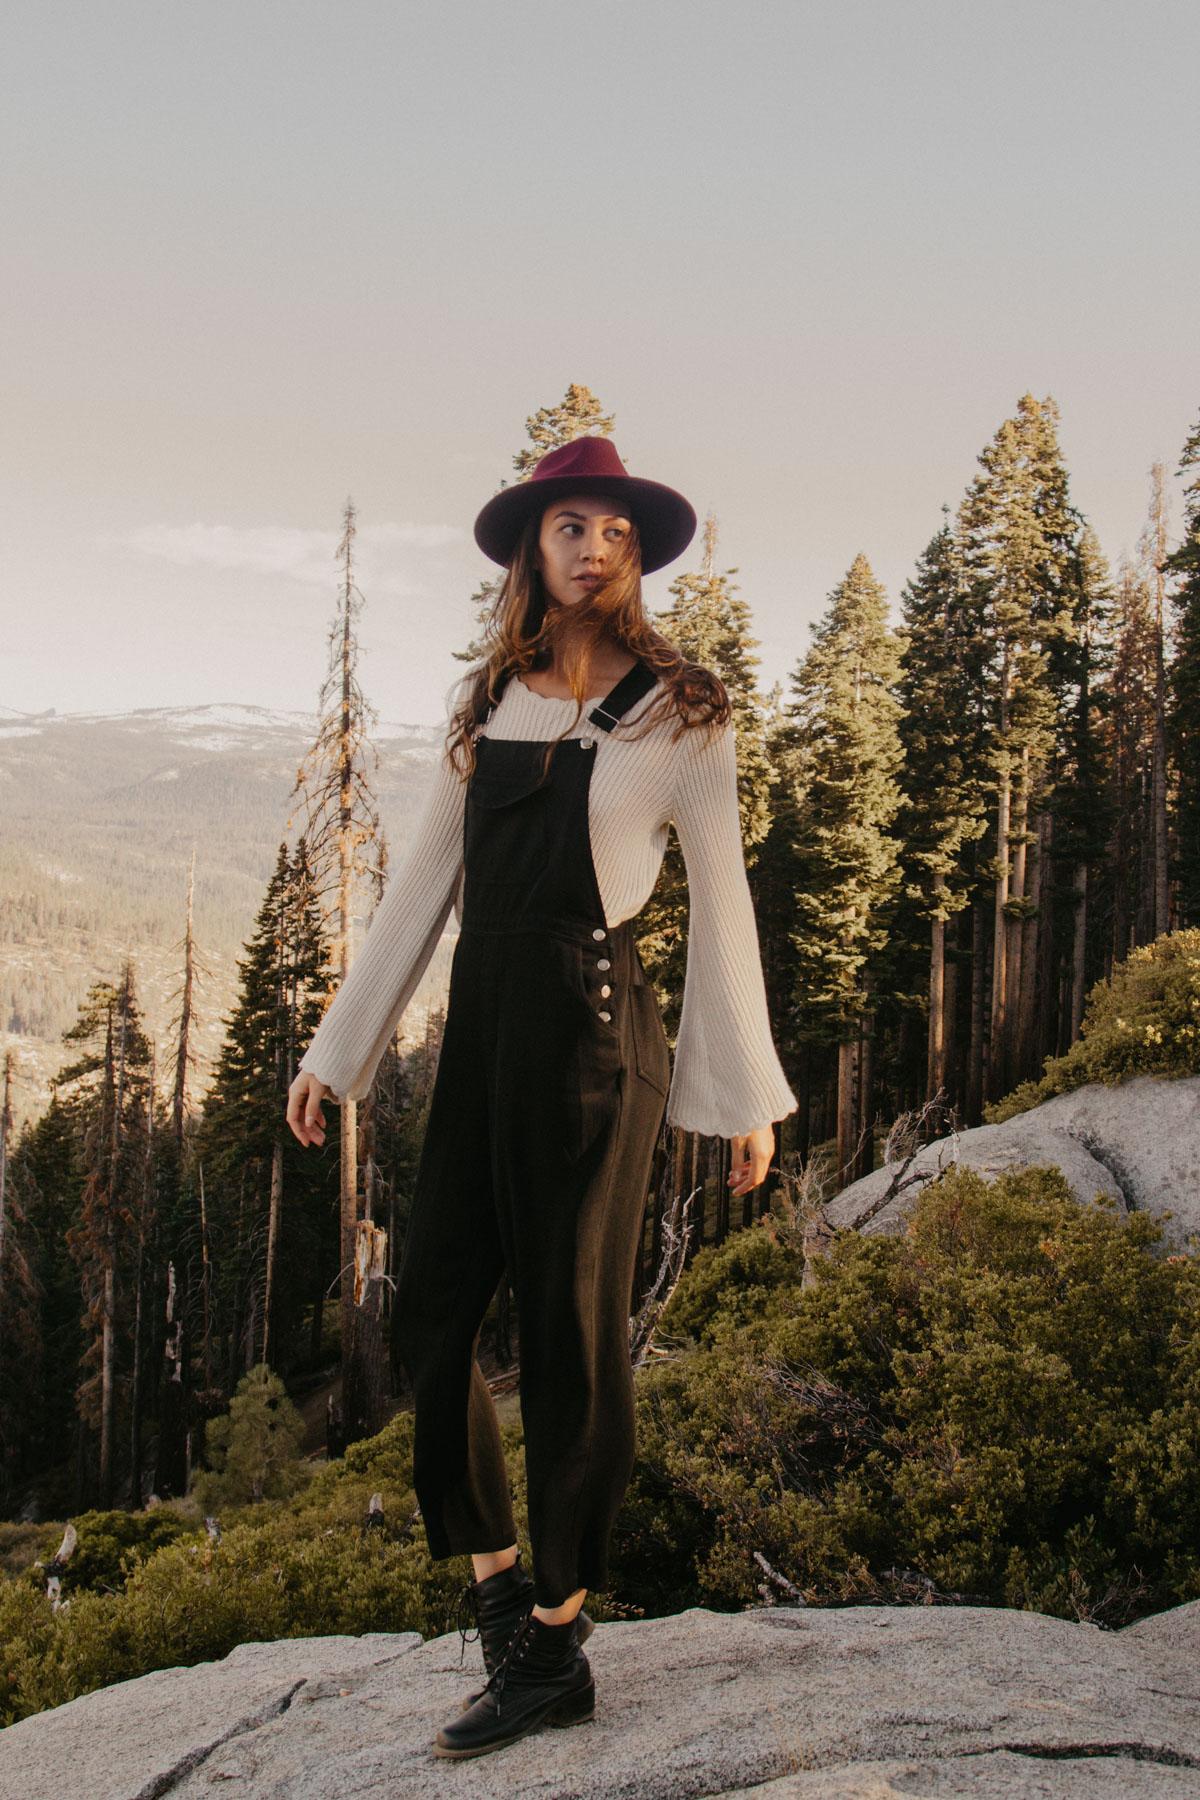 ACC-Yosemite-WebSize-1810007.jpg